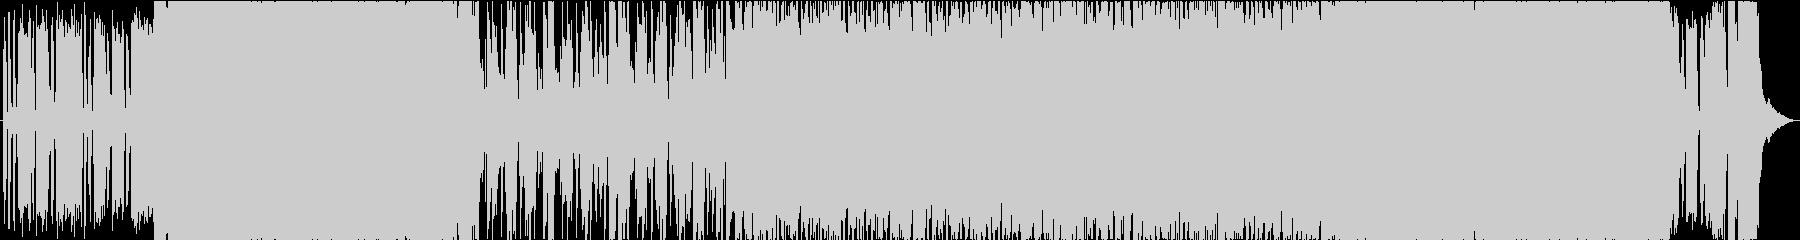 ジャキジャキサウンドで始まるロックの未再生の波形